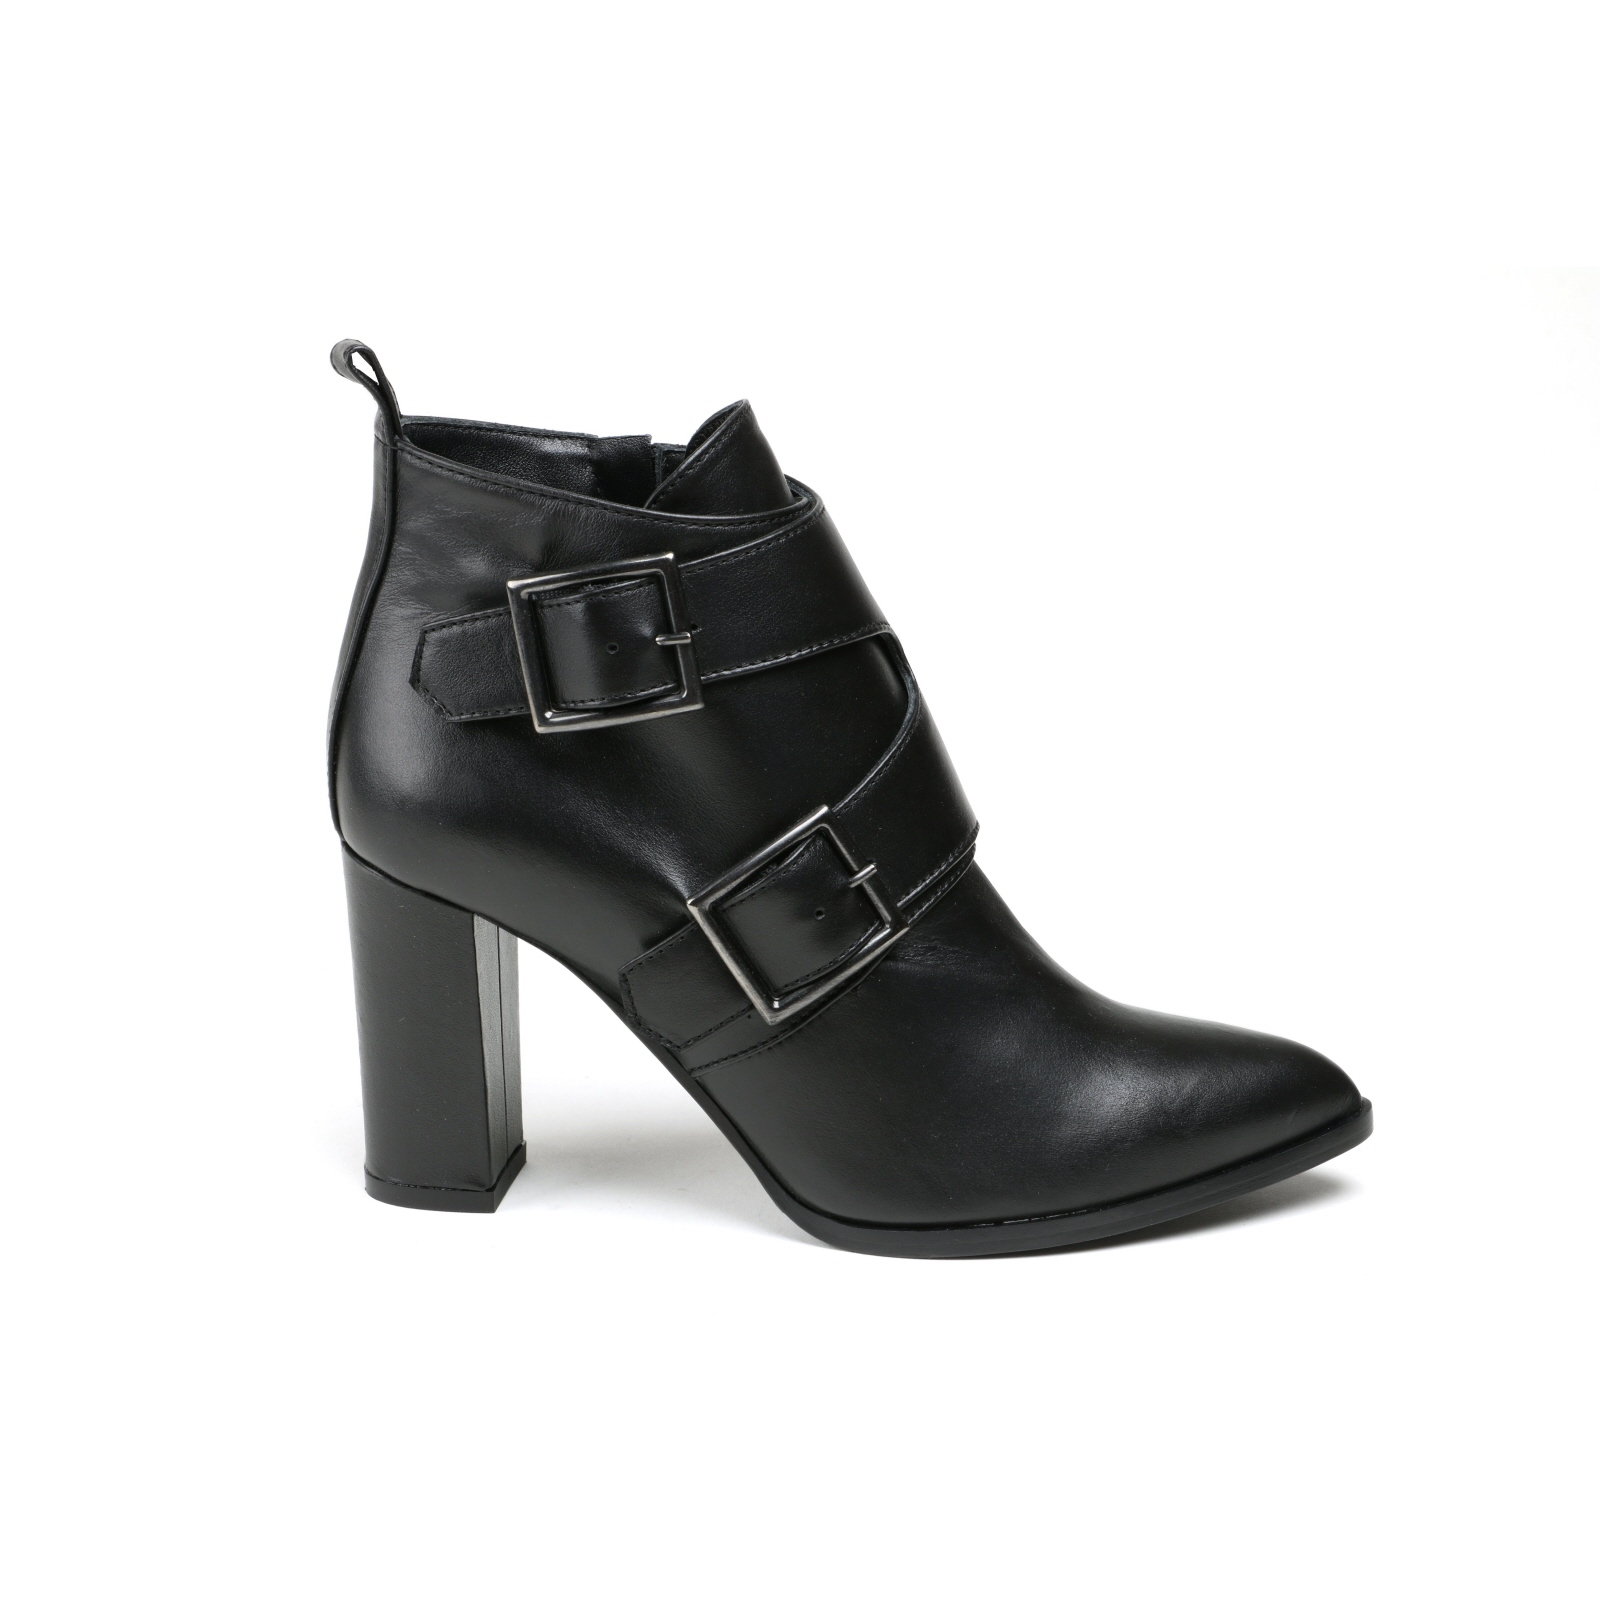 Señora botín alberto zago elegante negro cuero liso liso liso nuevo talla 39  barato y de alta calidad